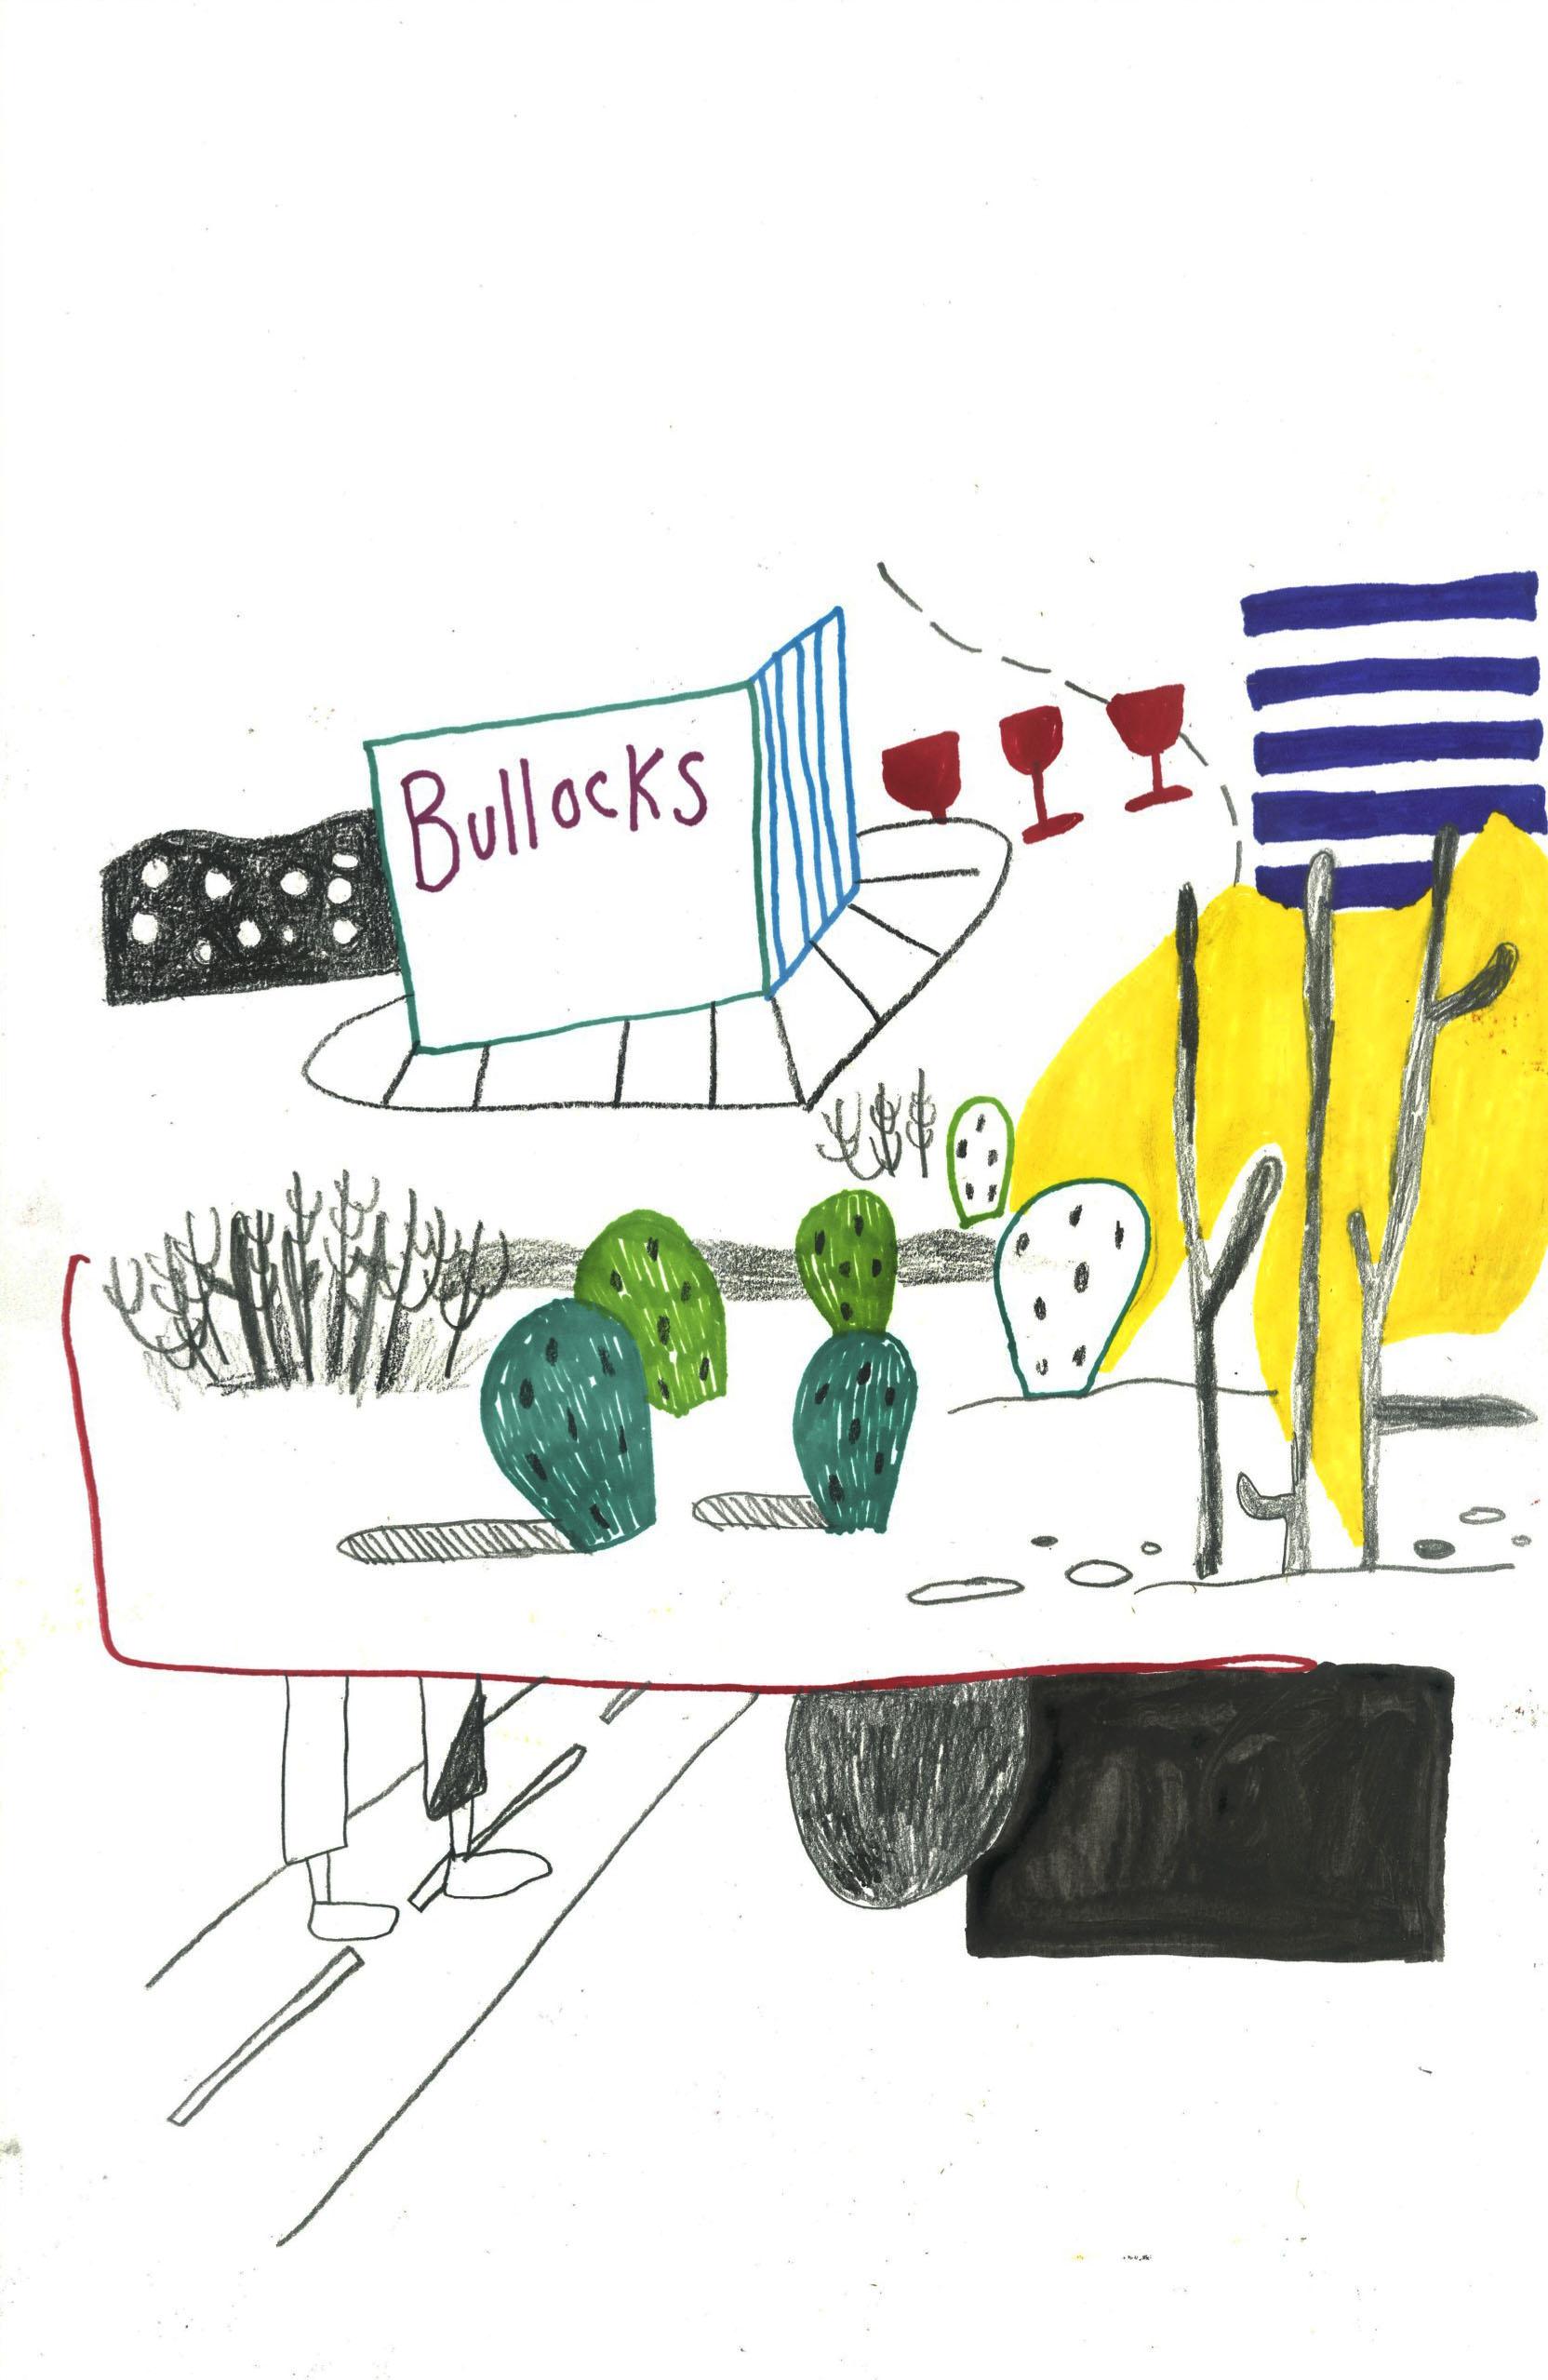 Bullocks